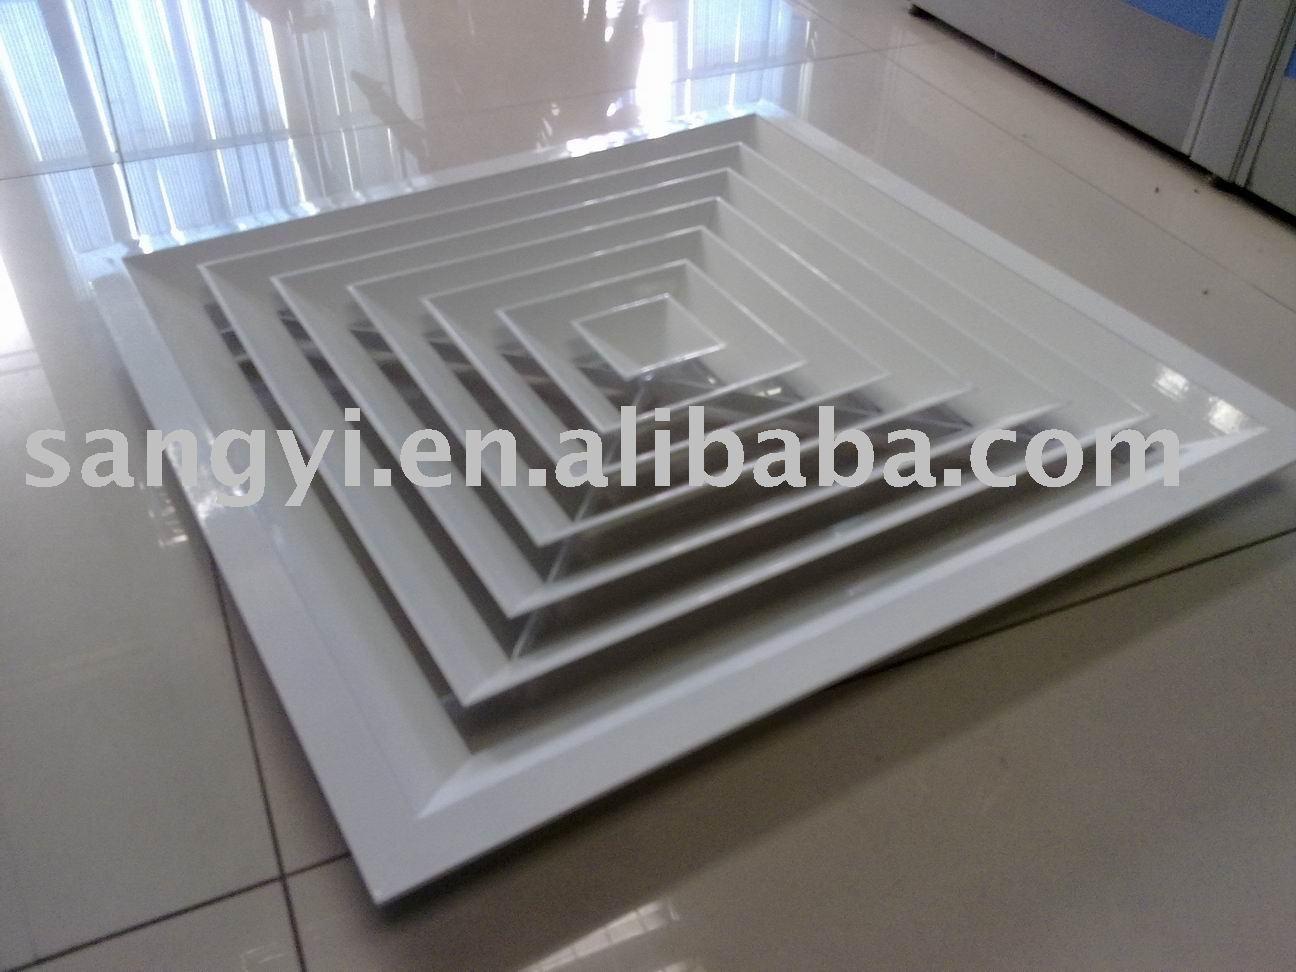 - Installer des fermes de toit en minutes -